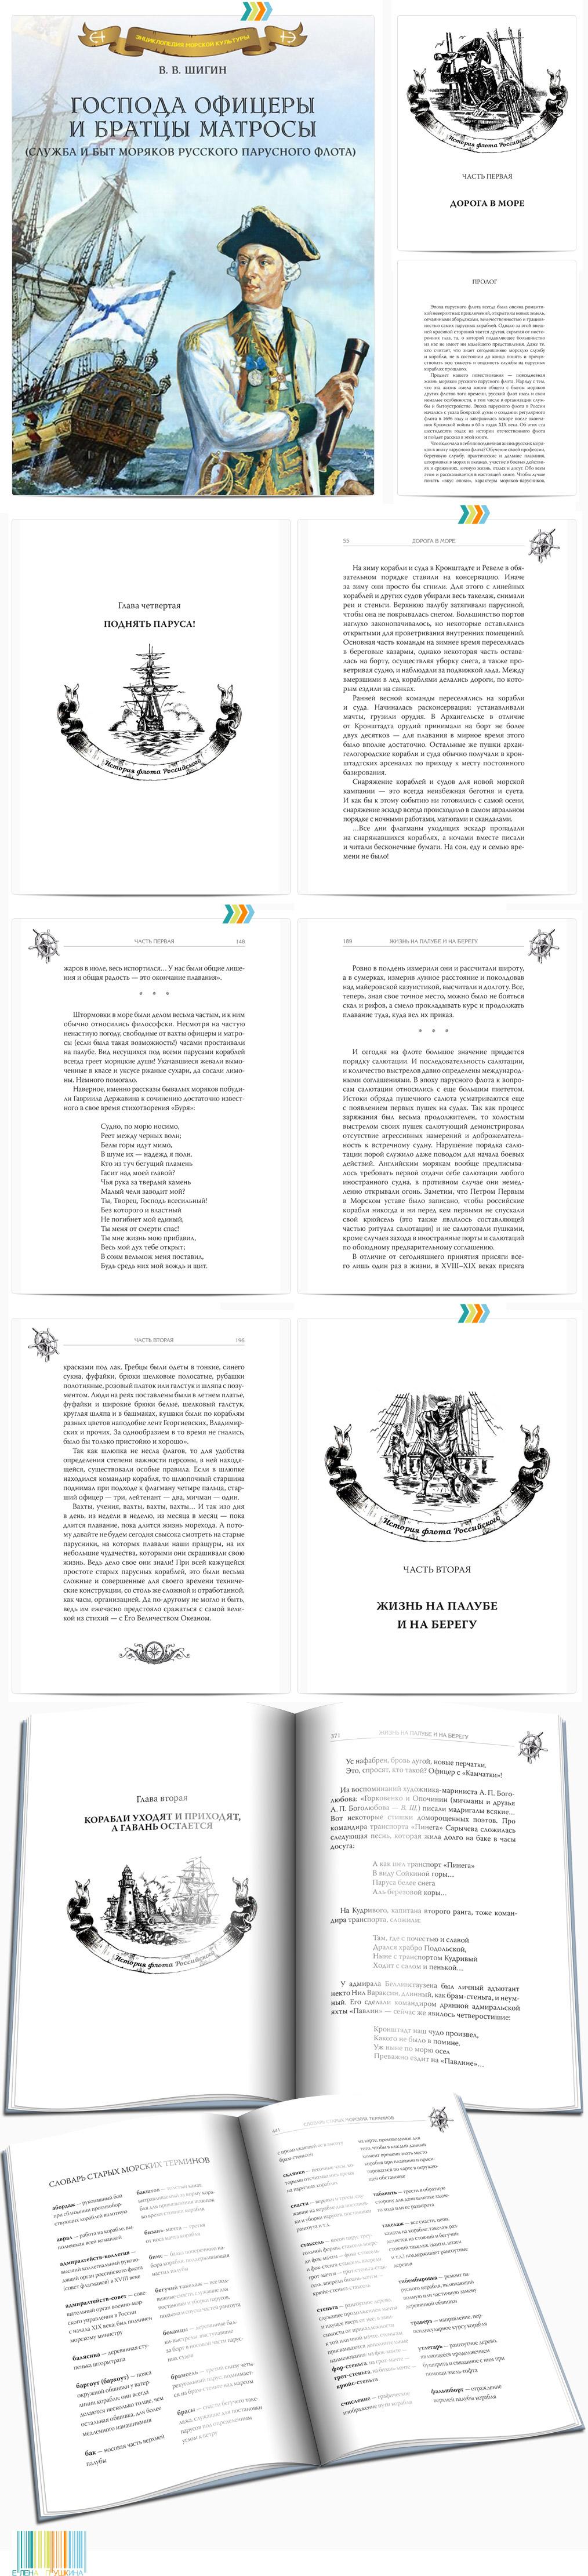 «Господа офицеры ибратцы матросы»— дизайн с«нуля» ивёрстка книги. Издательство «Горизонт»— 410 стр. Создание книг Портфолио